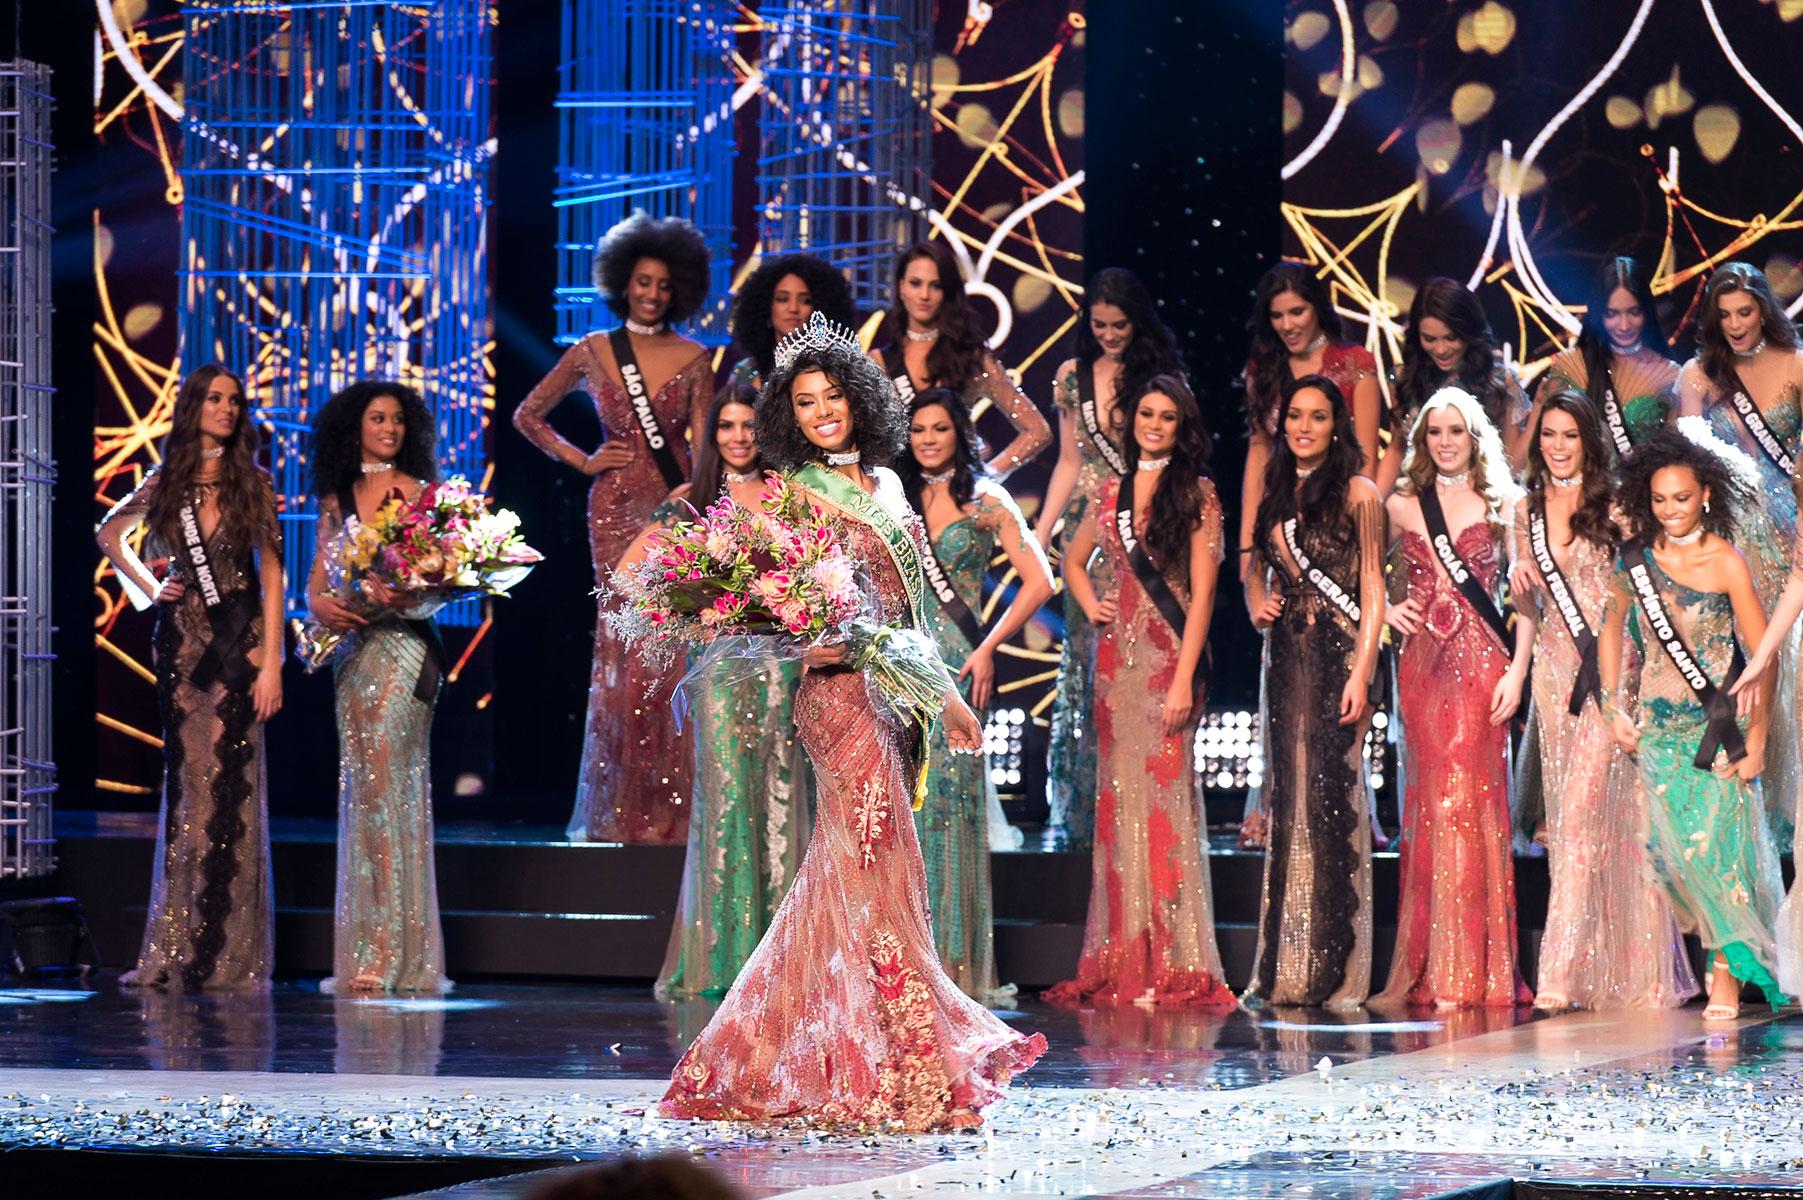 (Imagem: Miss Brasil Oficial, Divulgação)